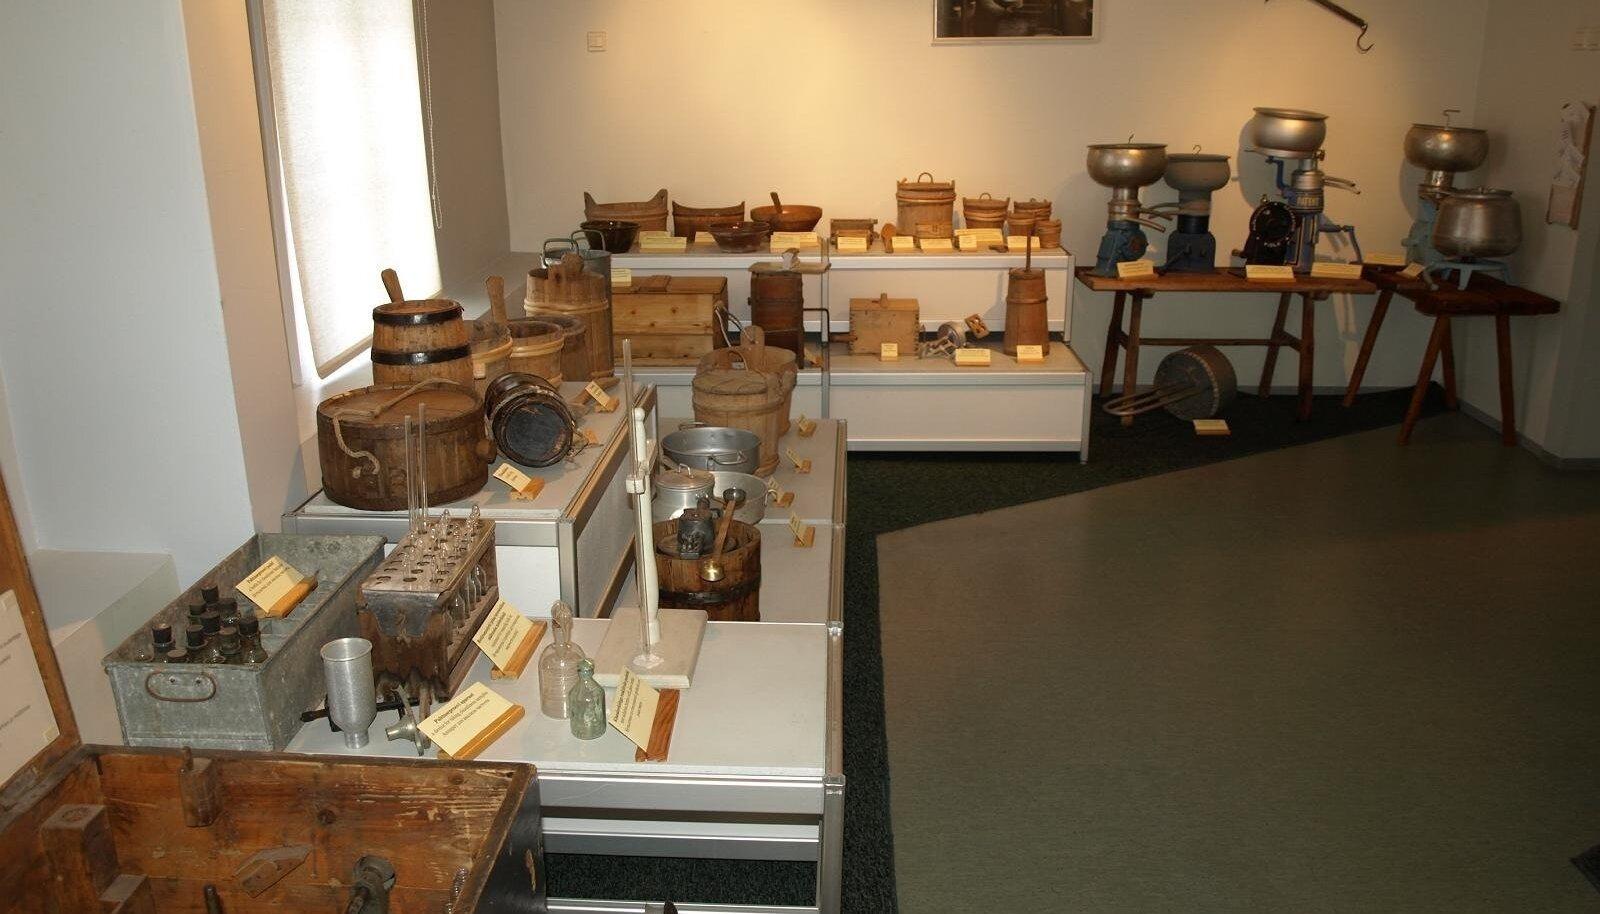 Eesti piimandusmuuseumis saab meie piimatootmise ajaloost huvitava ja põhjaliku ülevaate.